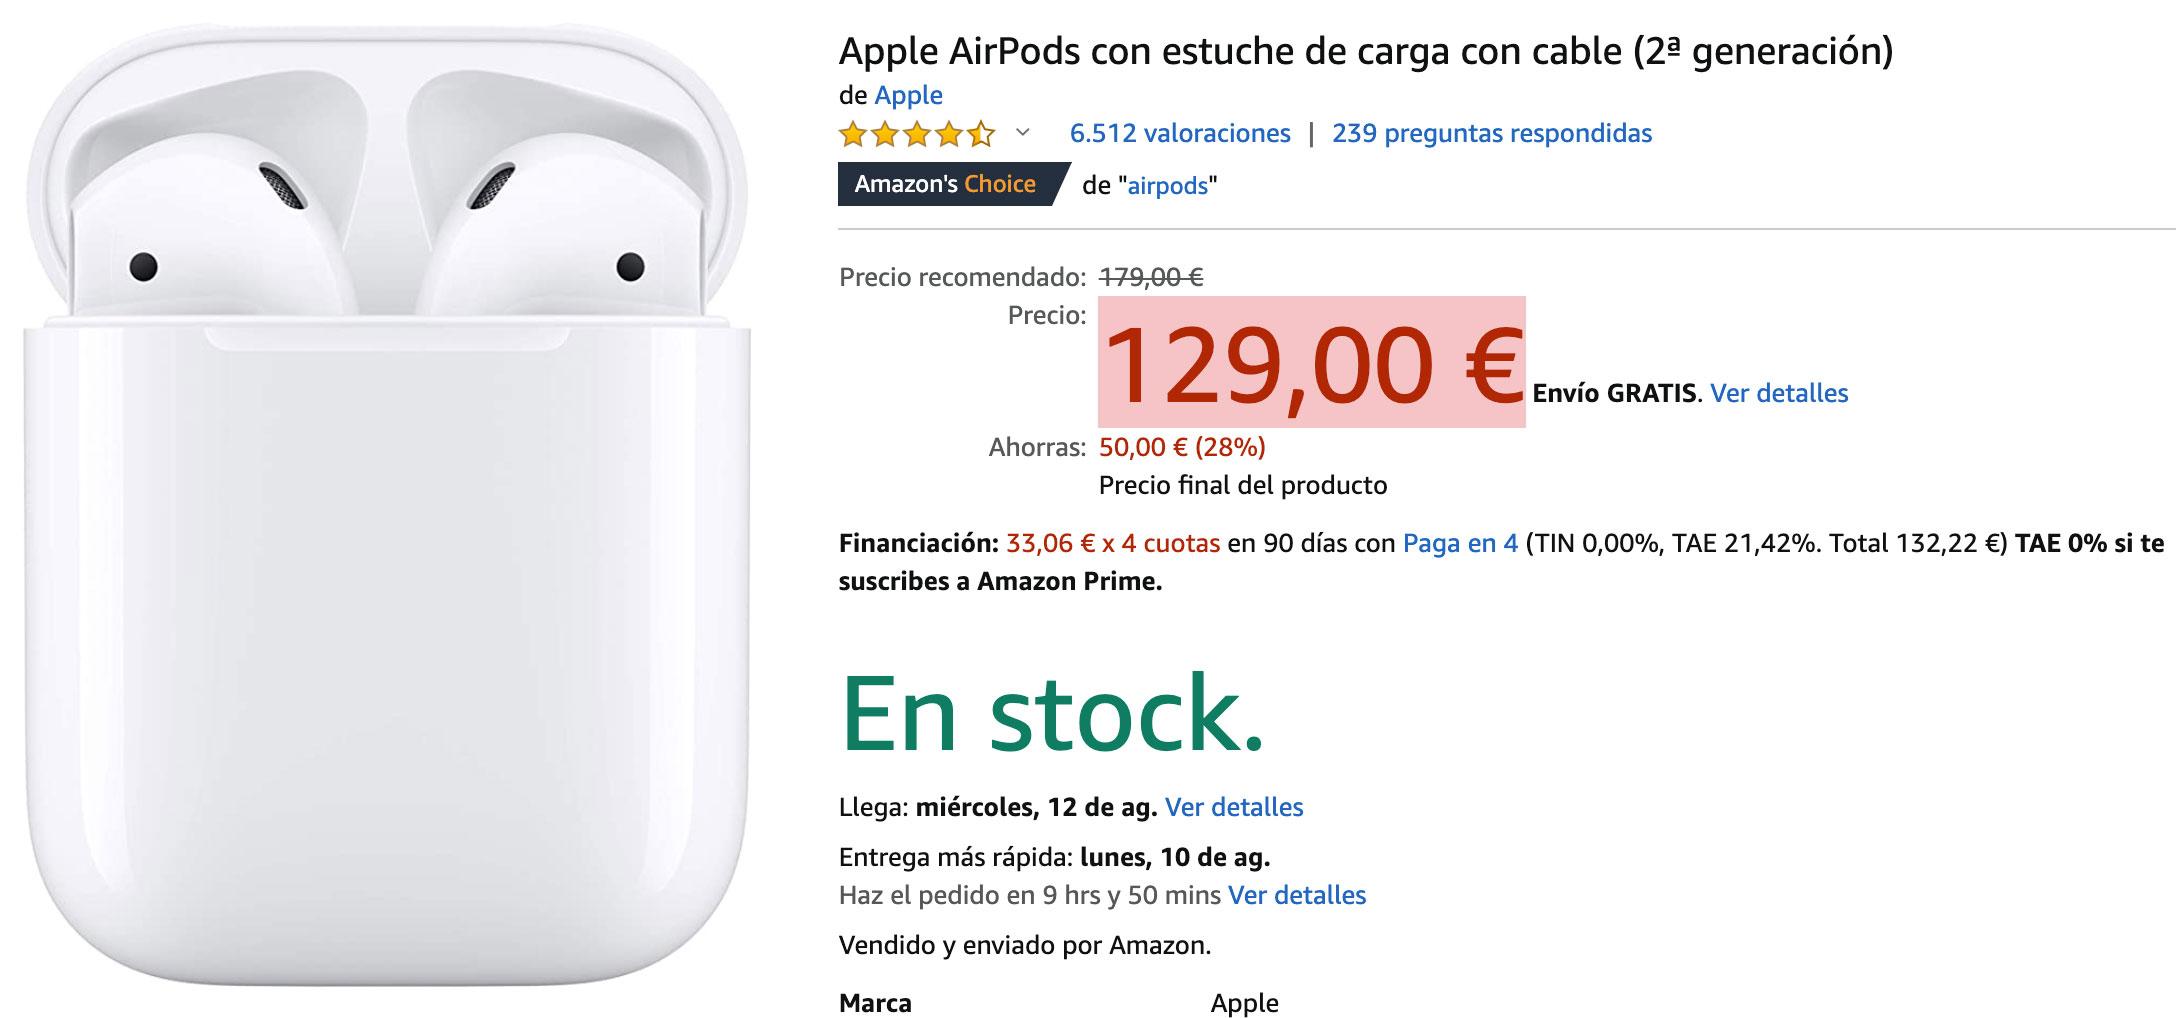 Precio rebajado de los AirPods en Amazon